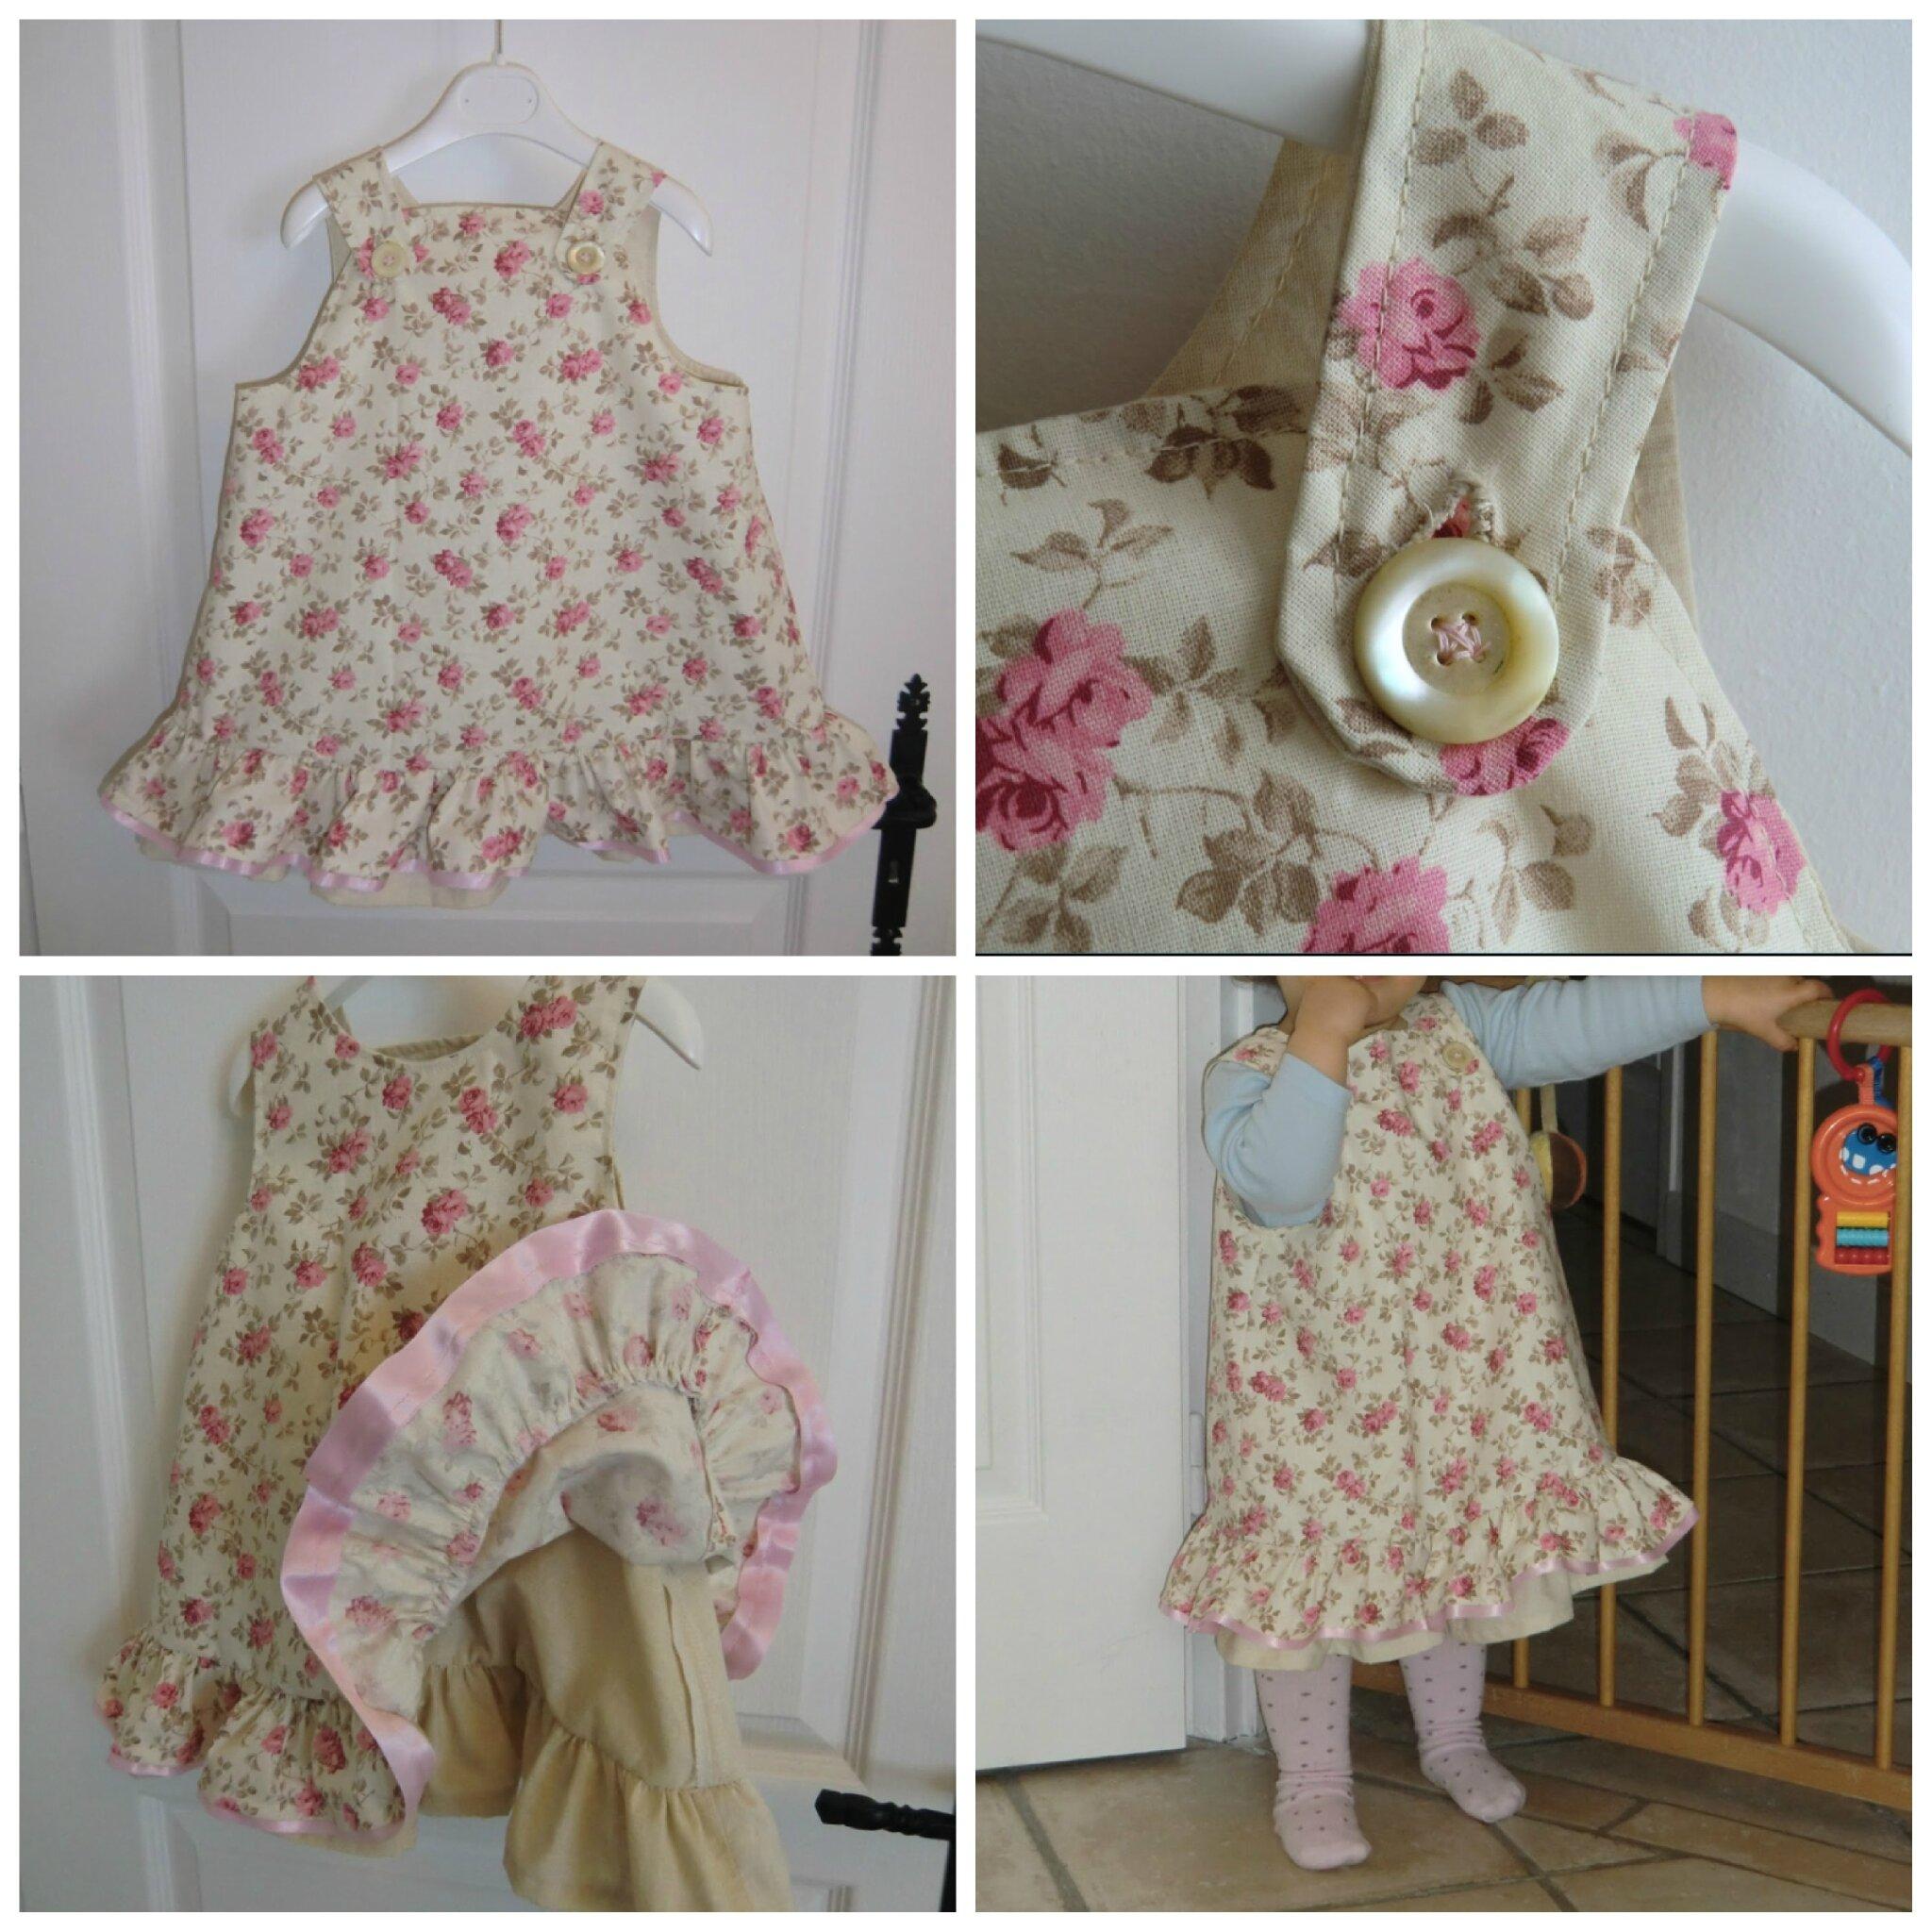 Dansons la capucine - Couture créative pour enfants espiègles